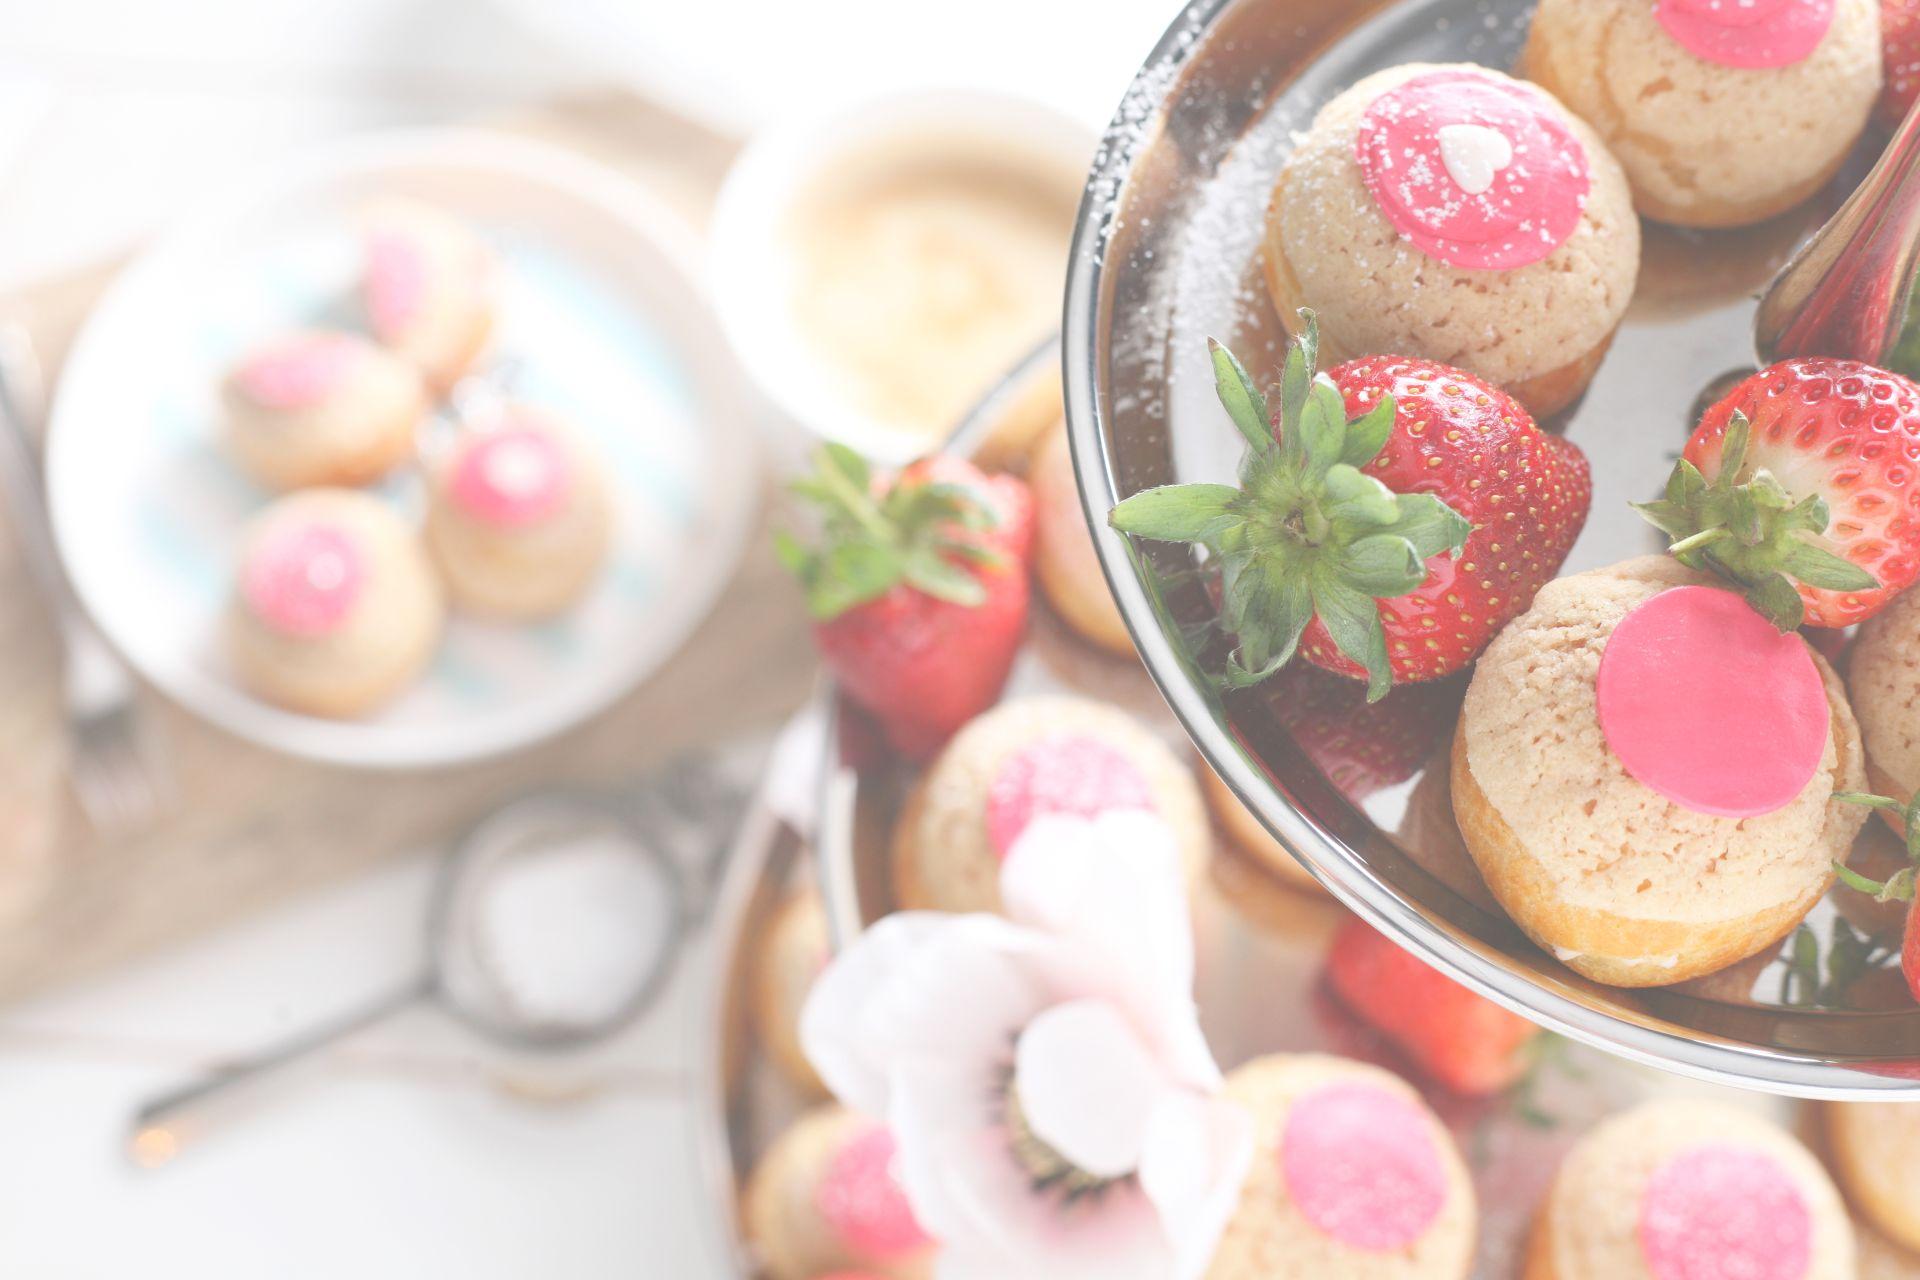 Chou, Choux, Windbeutel, Feines Gebäck, Erdbeeren, schöner Tisch